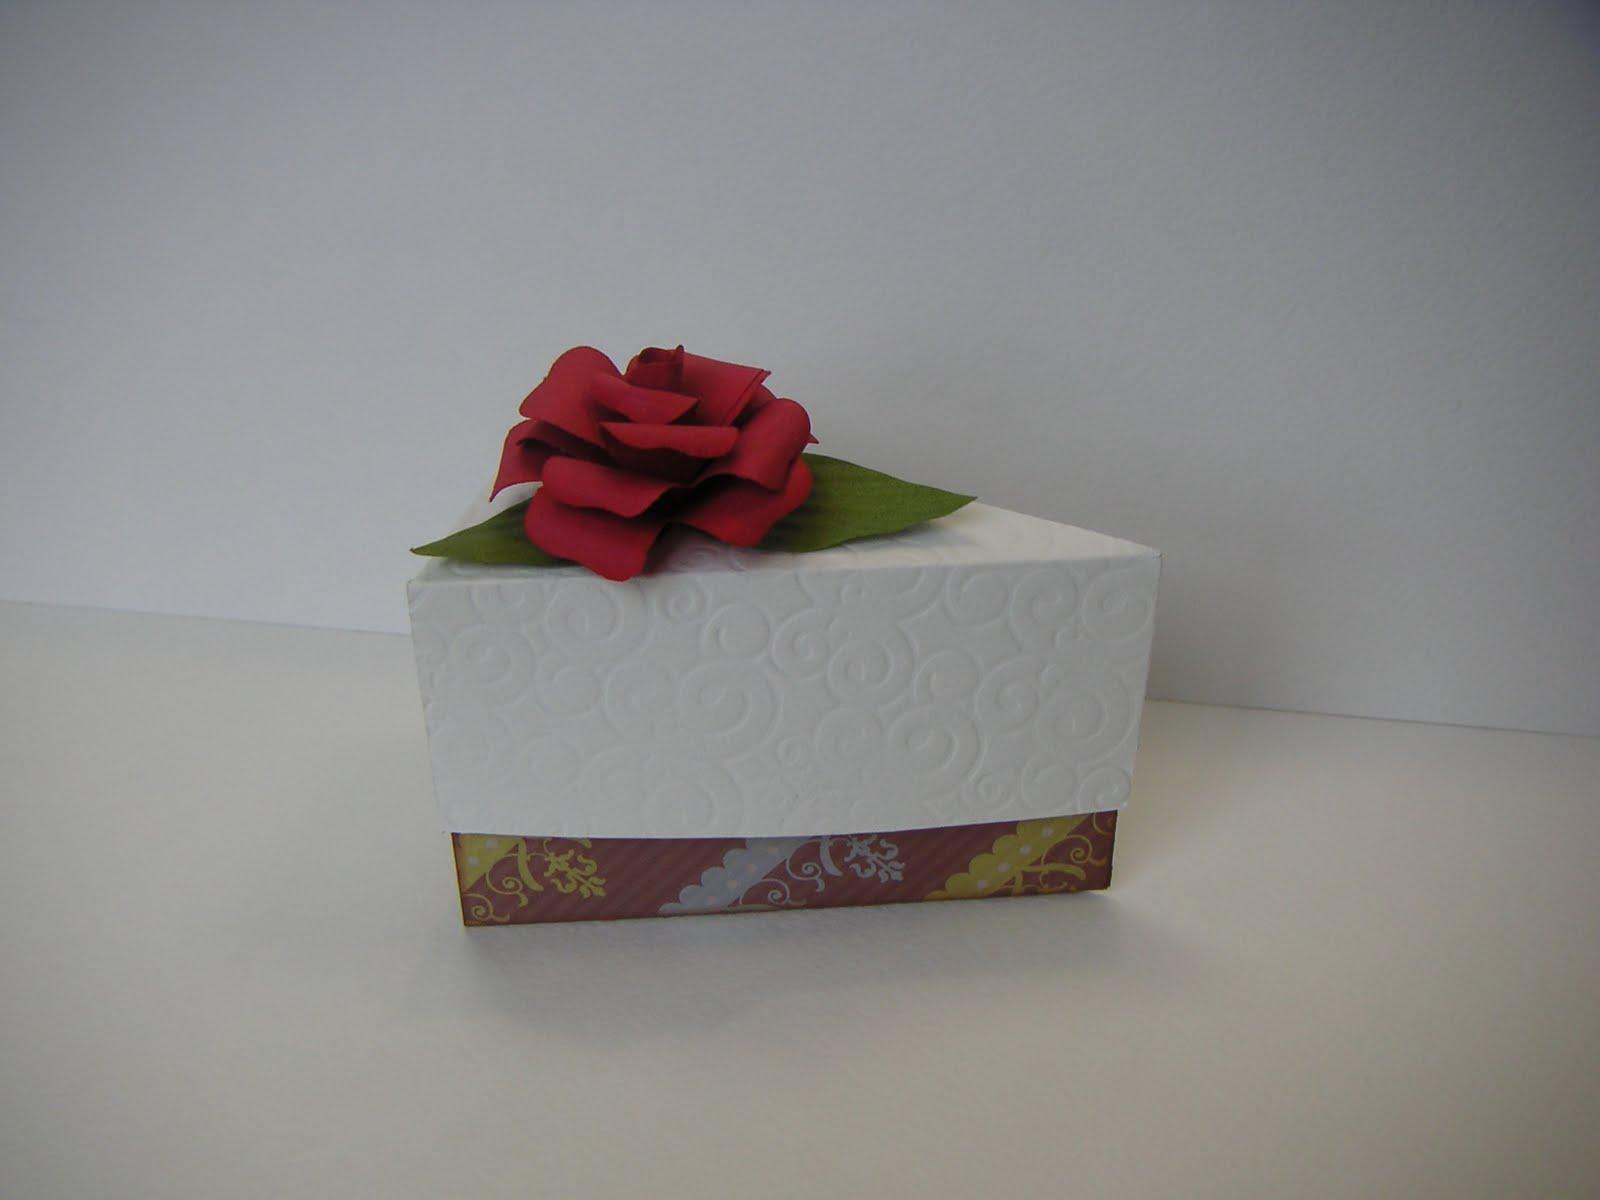 Красивые коробочки для подарков своими руками: идеи, формы, шаблоны 10